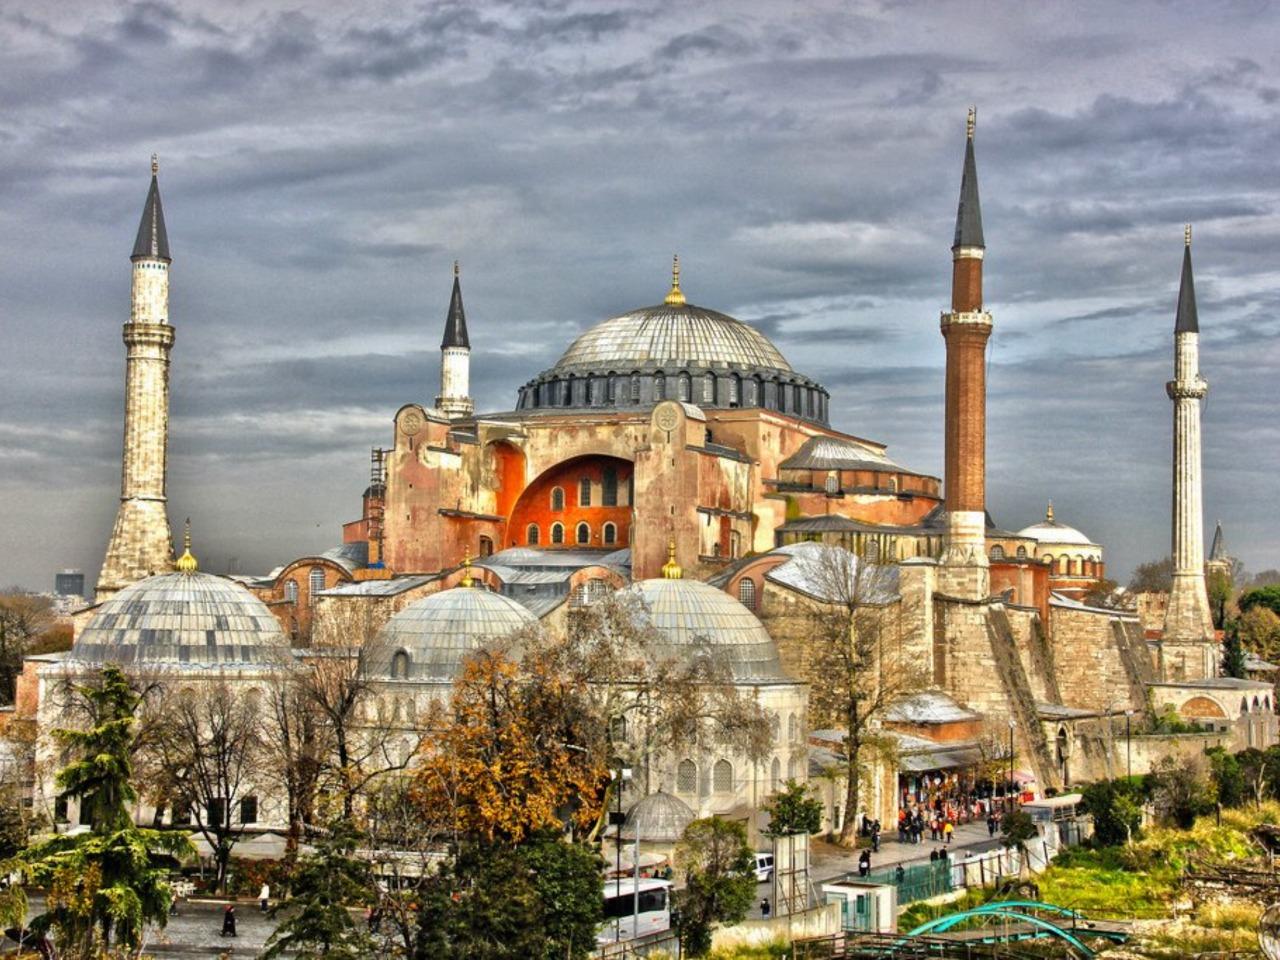 Стамбул без музейных очередей - индивидуальная экскурсия в Стамбуле от опытного гида